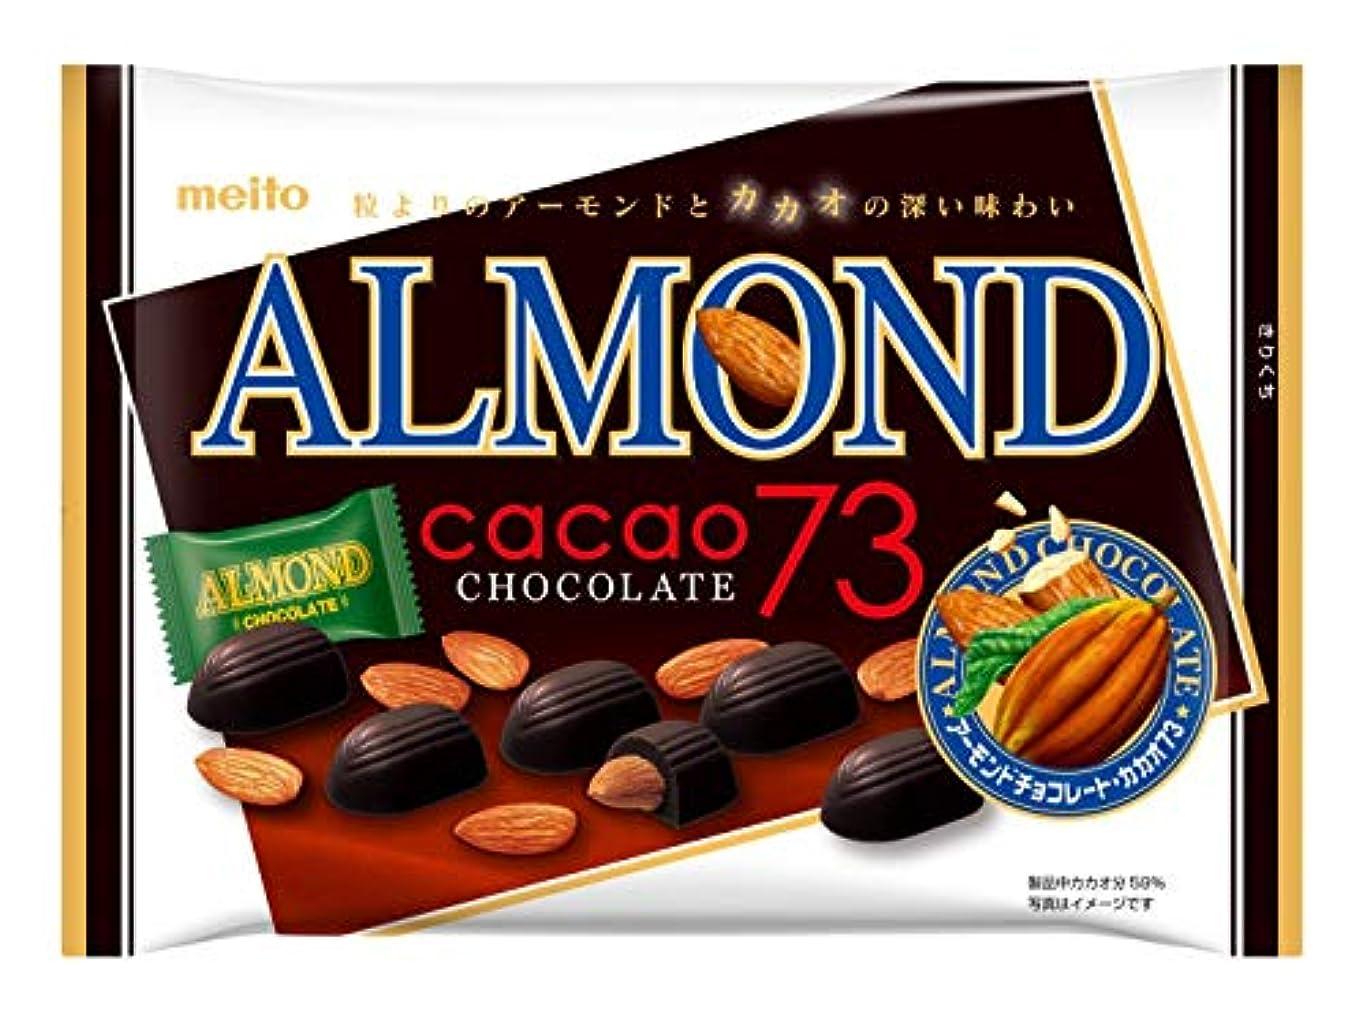 オークランド印刷する急ぐ名糖産業 アーモンド カカオ73 チョコレート 19粒×6袋